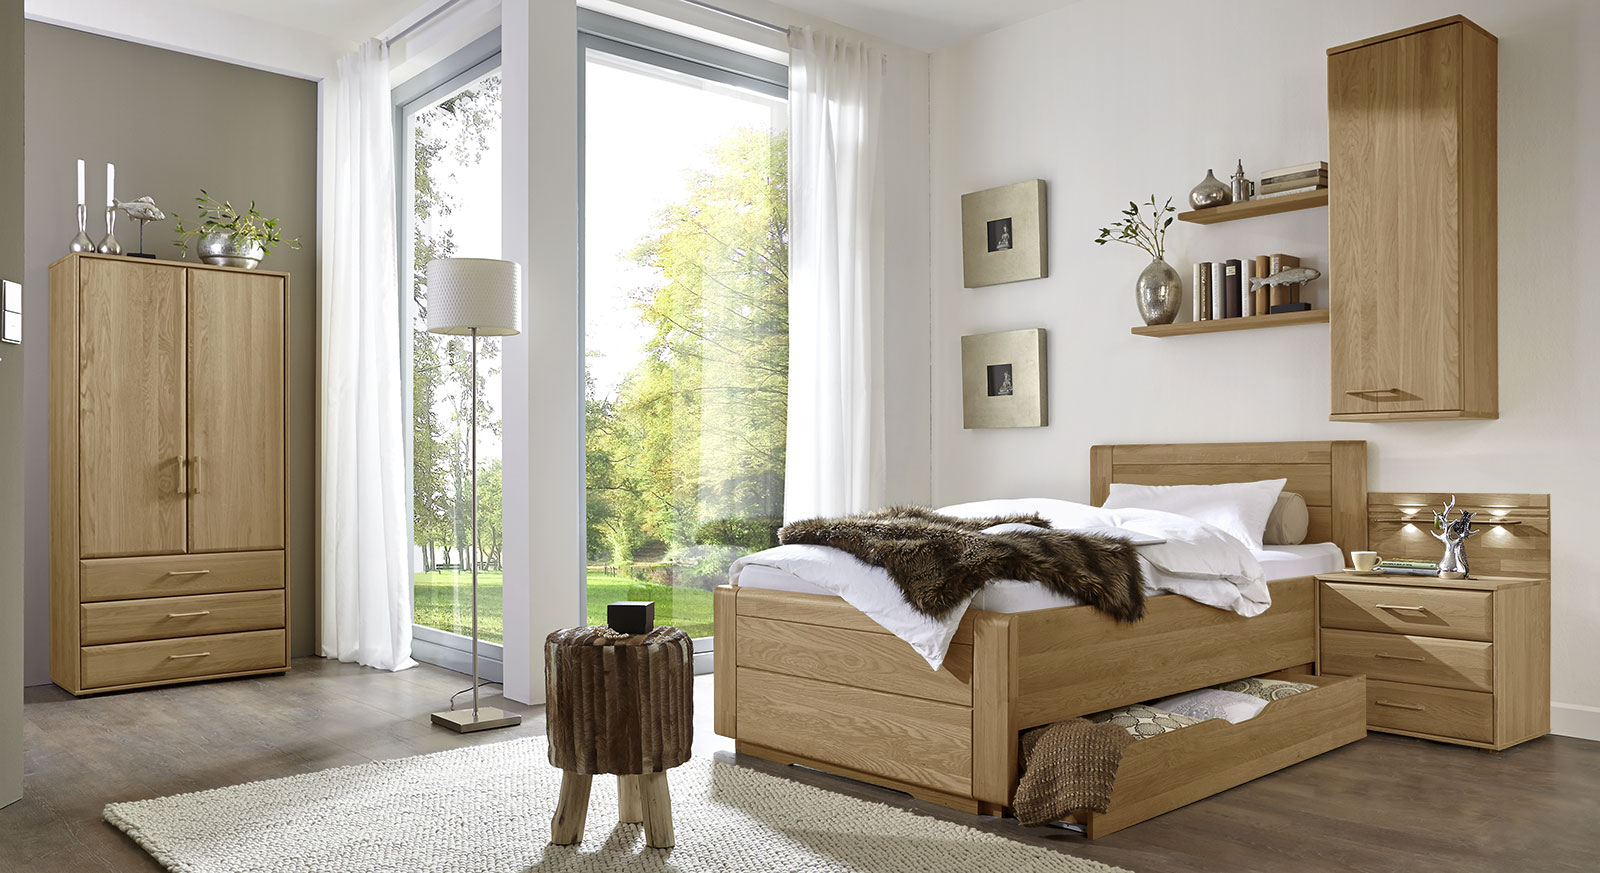 Komplett-Schlafzimmer Raida in teilmassiver Eiche